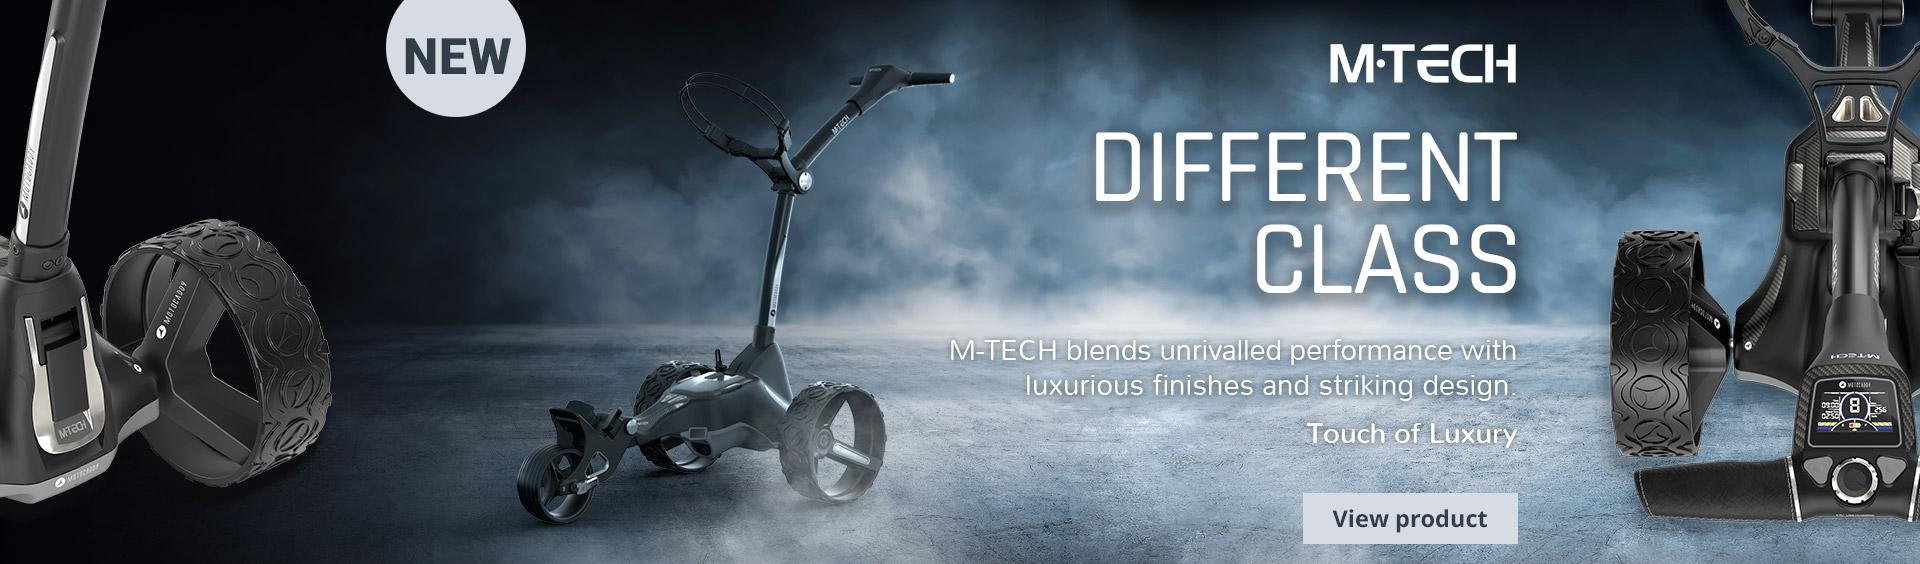 M-TECH Electric Trolley